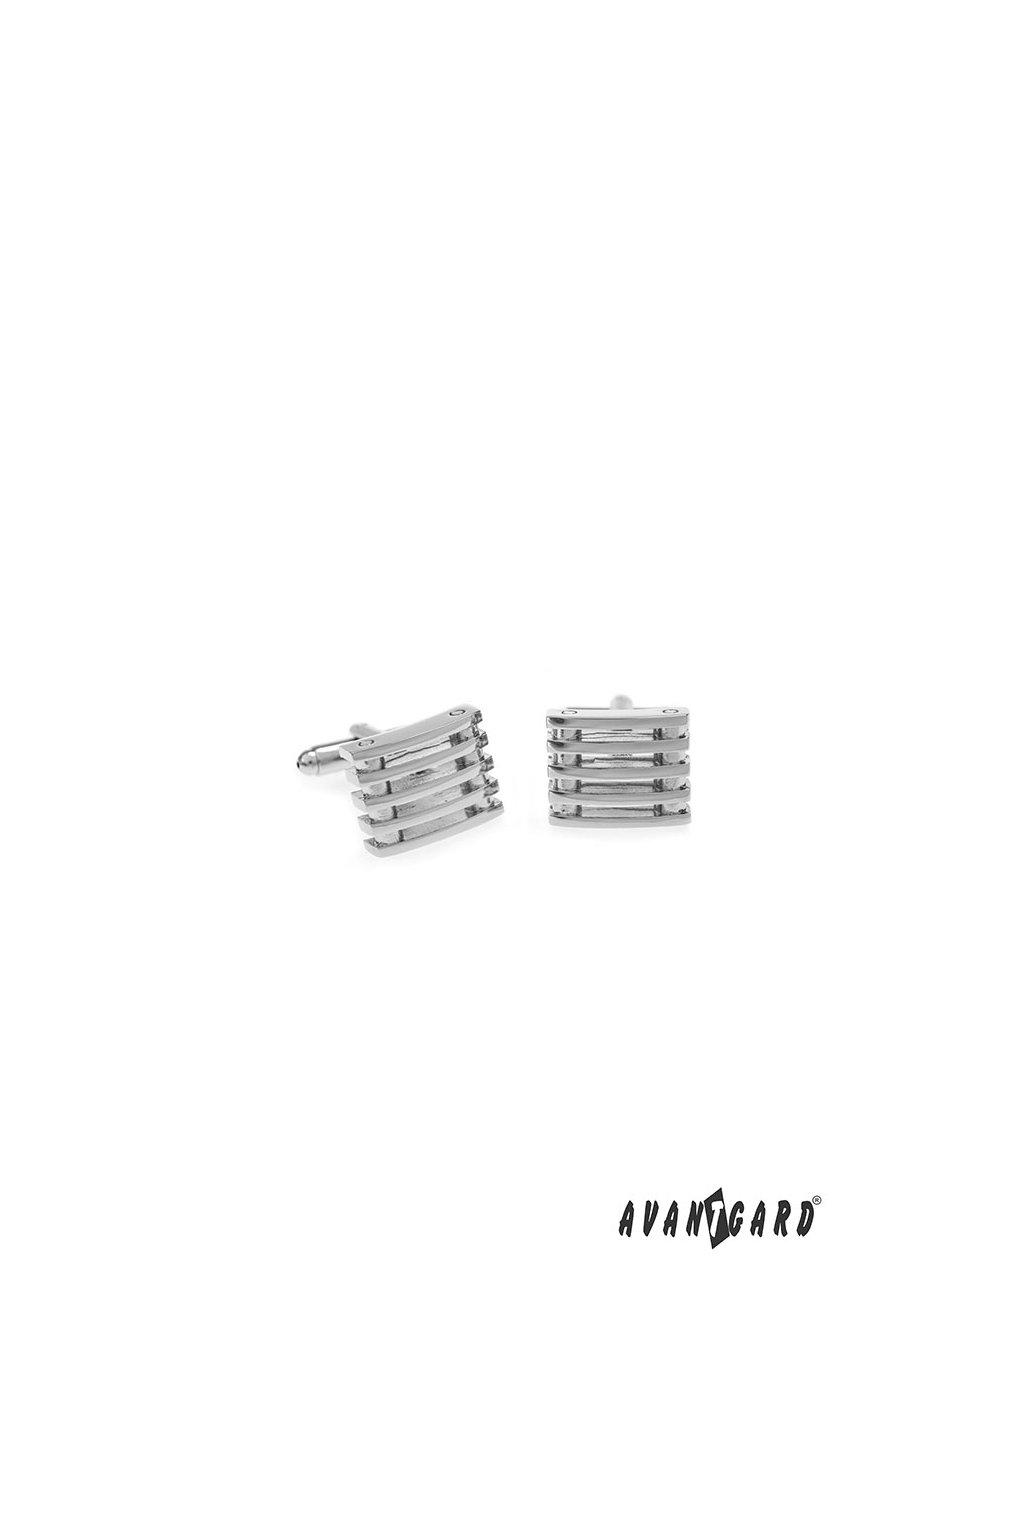 Manžetové knoflíčky PREMIUM stříbrná lesk 573 - 20636